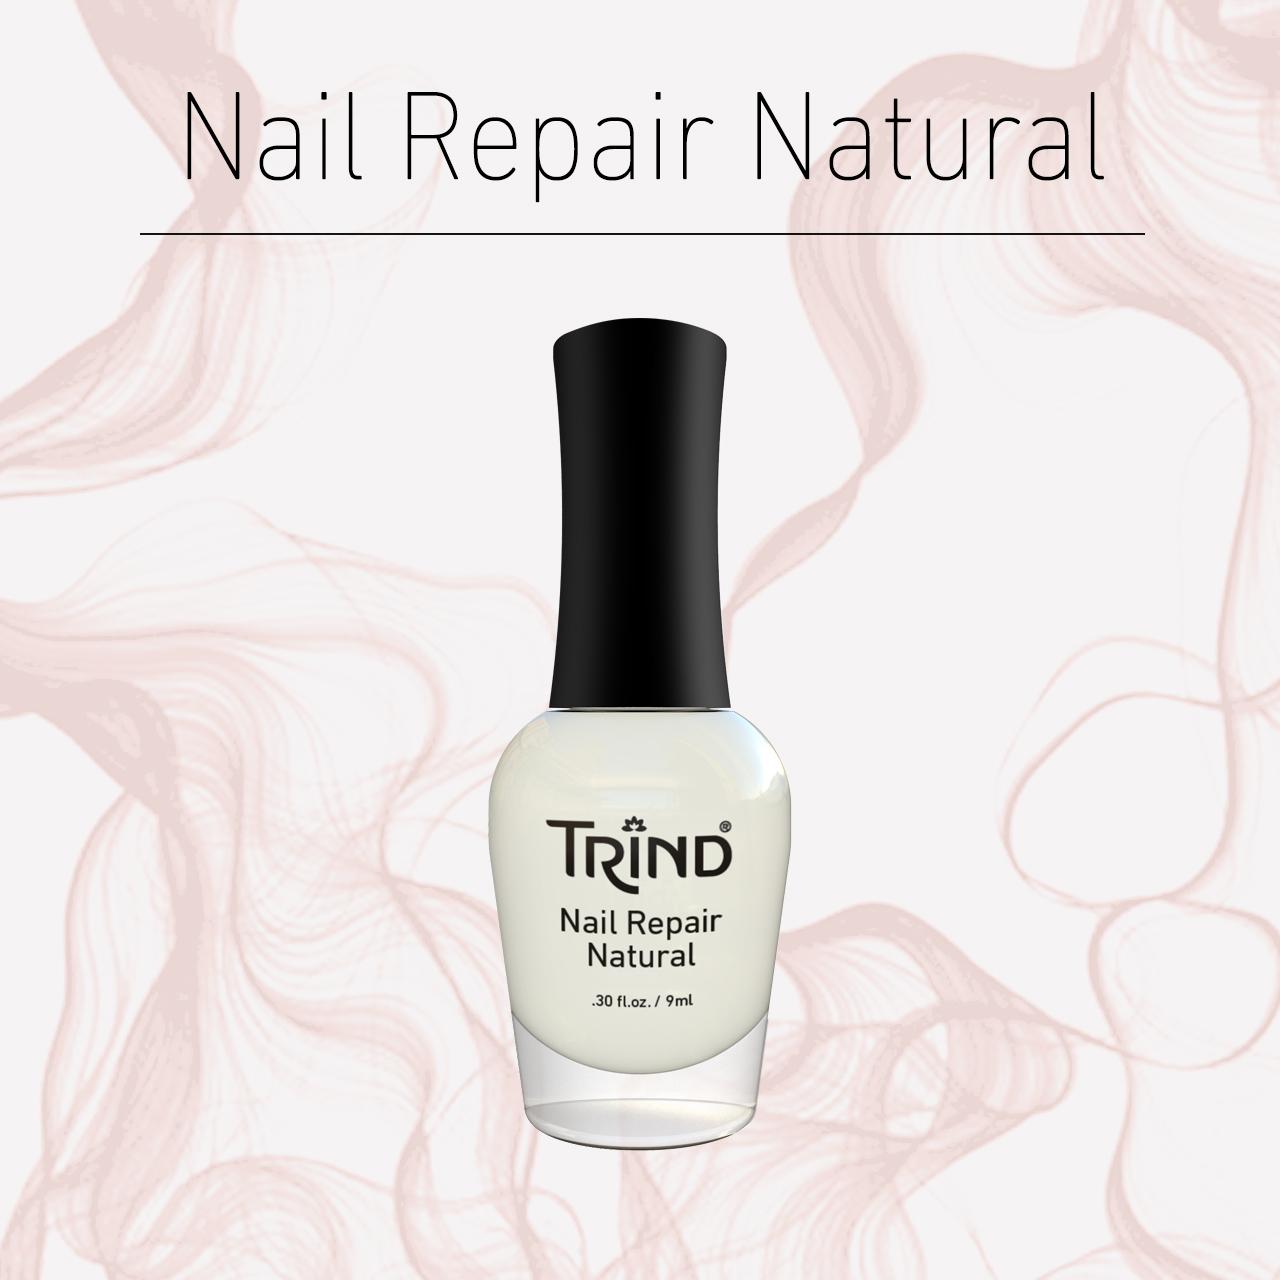 Nail Repair Natural